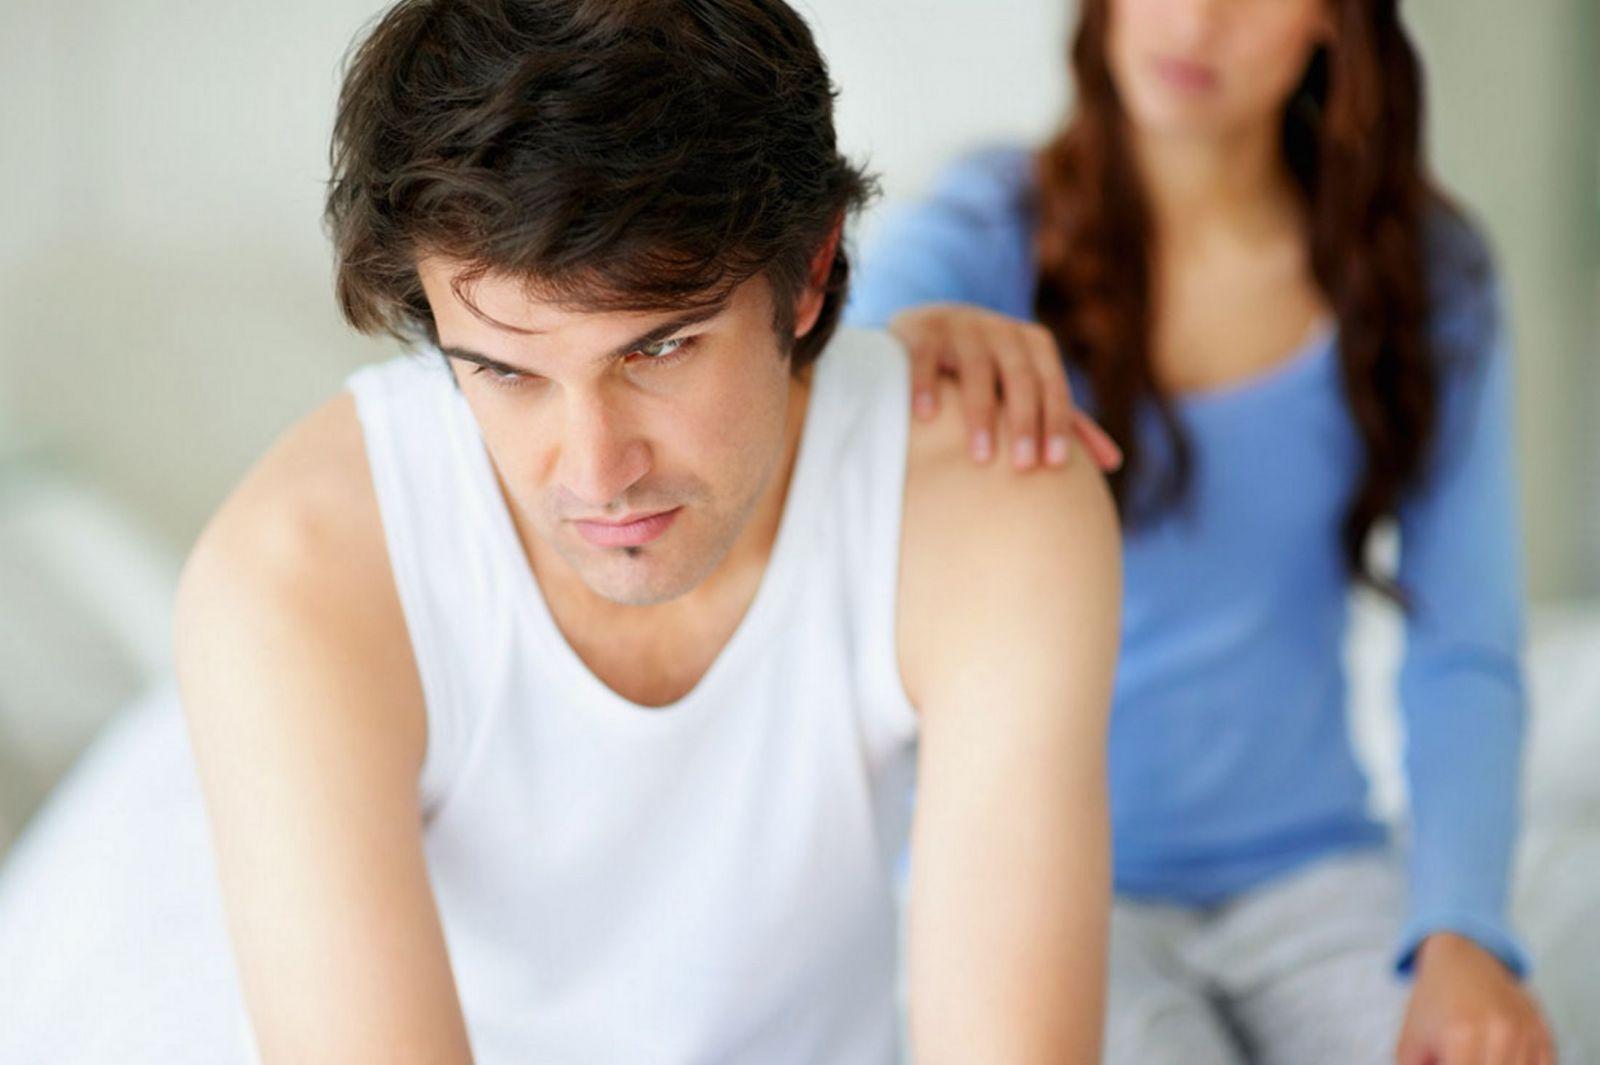 Triệu chứng rối loạn chức năng sinh lý: nhiều phiền toái nhưng có thể khắc chế bằng TPBVSK Vương Lực Đan  - Ảnh 2